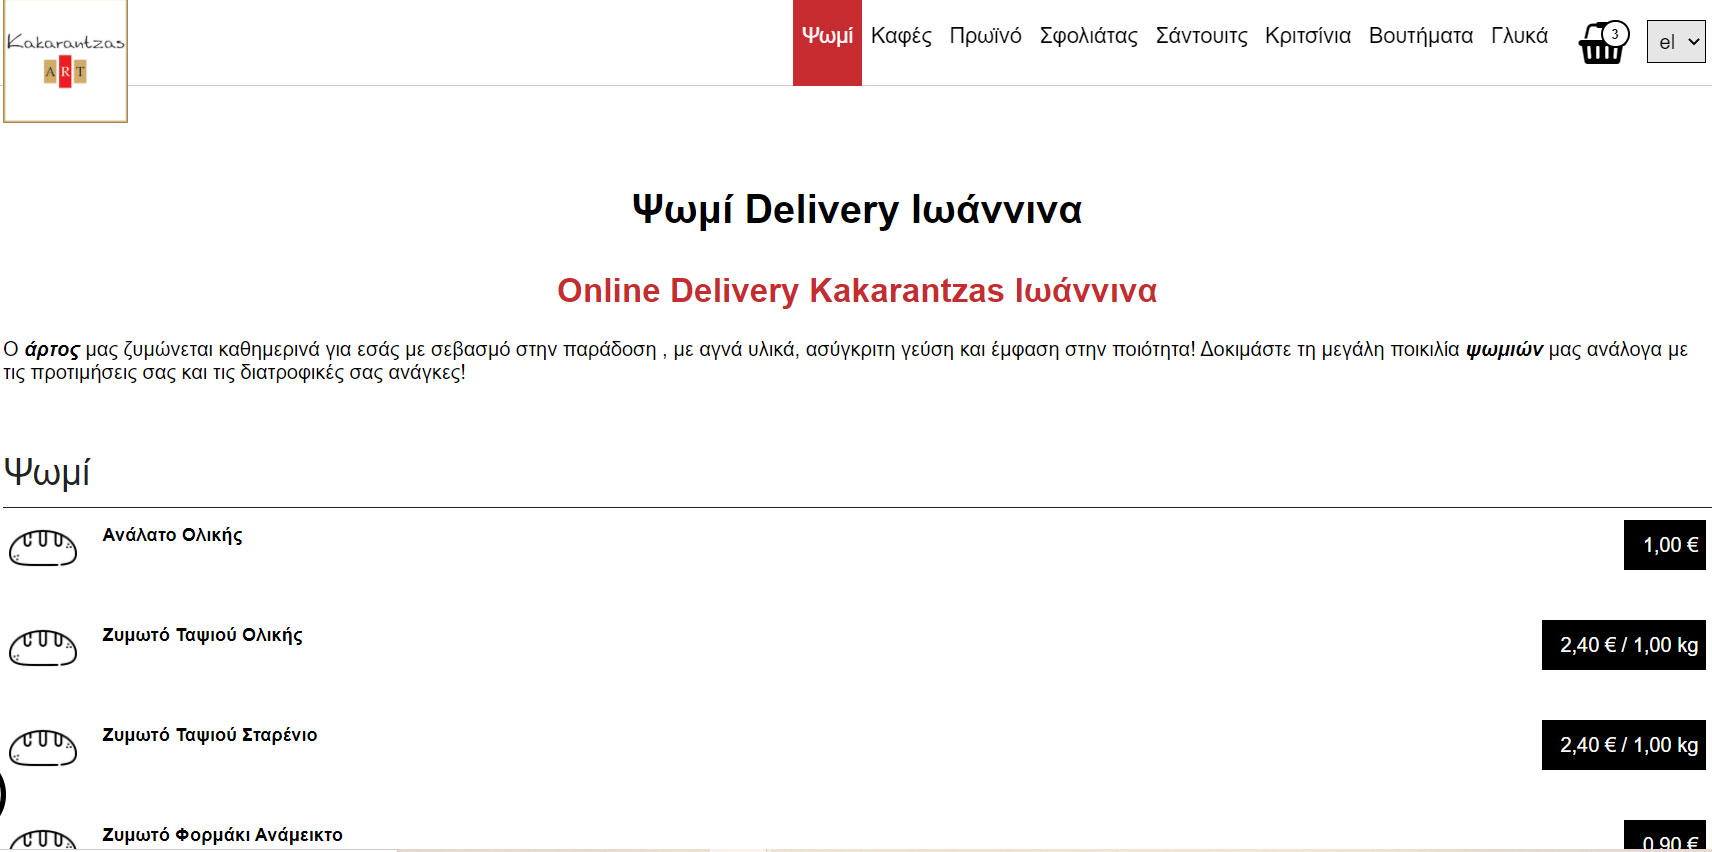 kakarantzas online delivery 0 kataskevi isoselidon ehop pliroforiki codewild